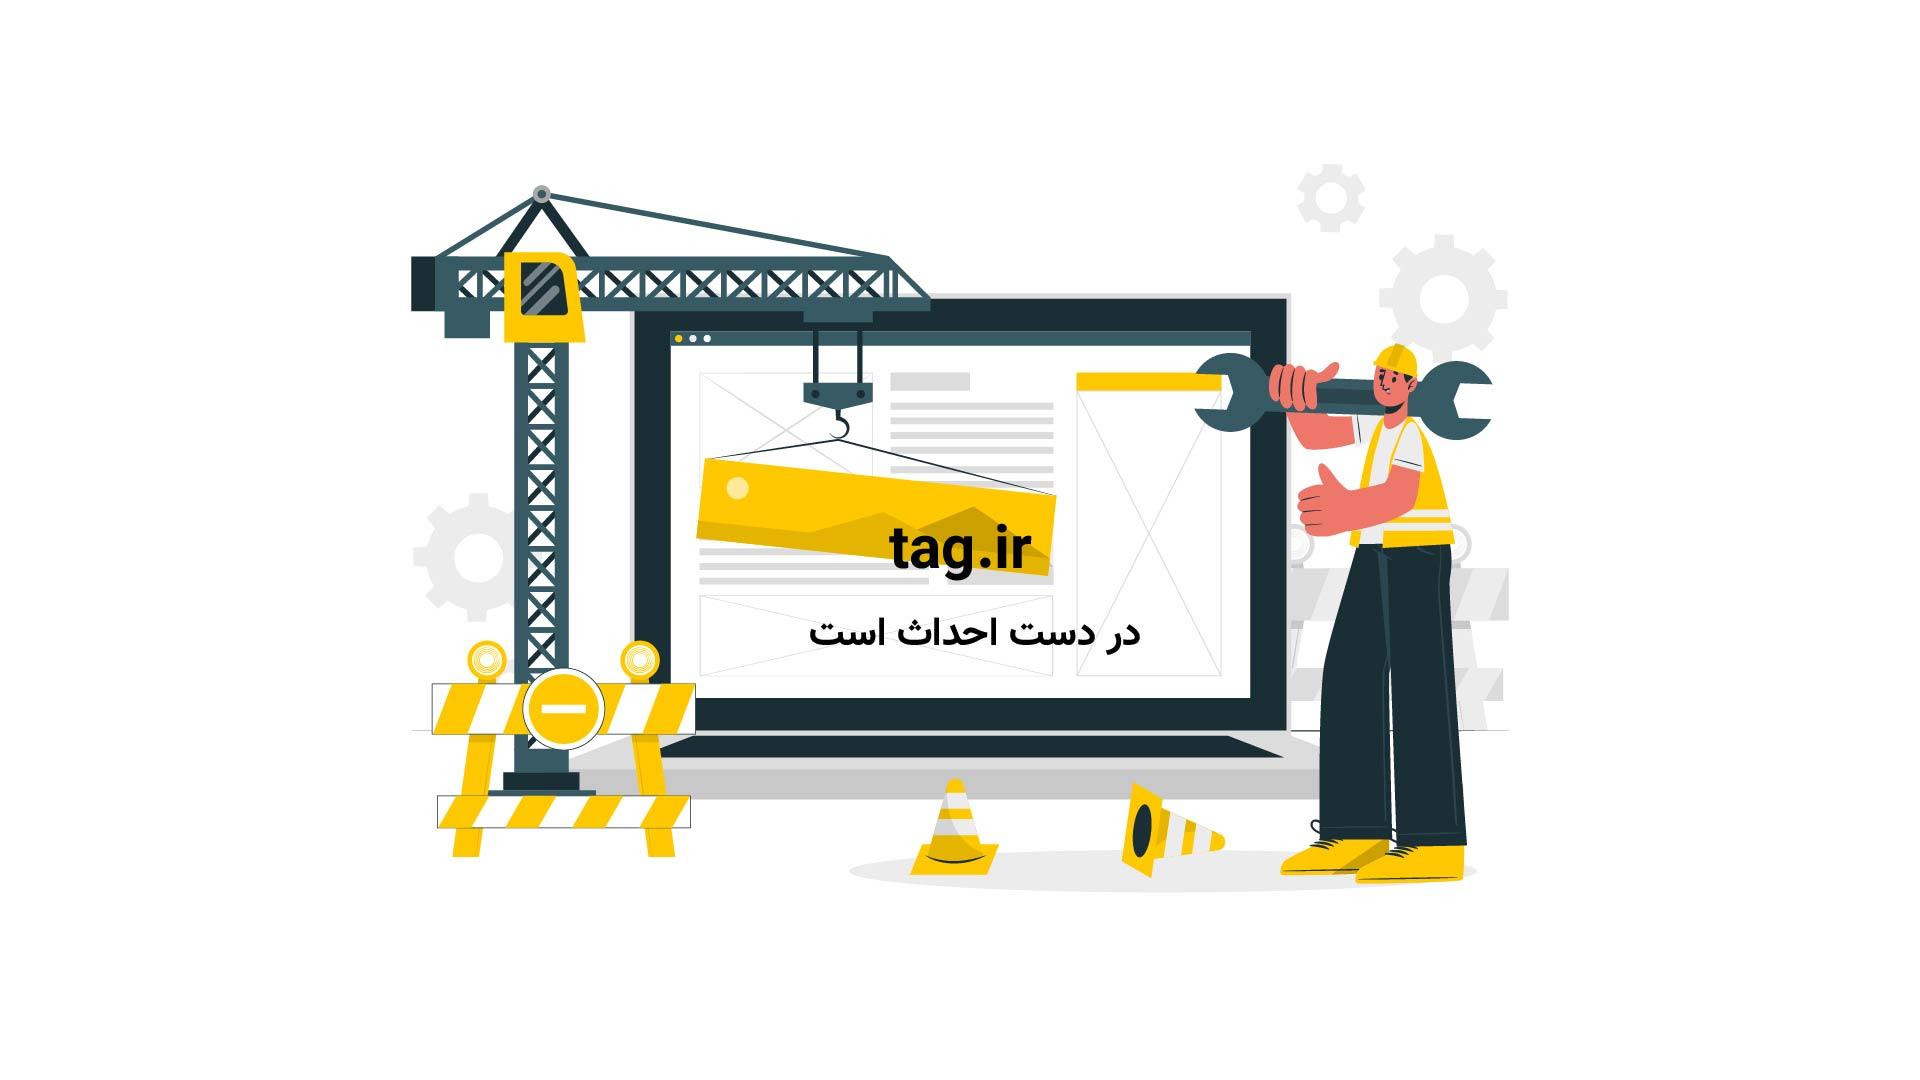 عناوین روزنامه های صبح چهارشنبه 21 تیر | فیلم